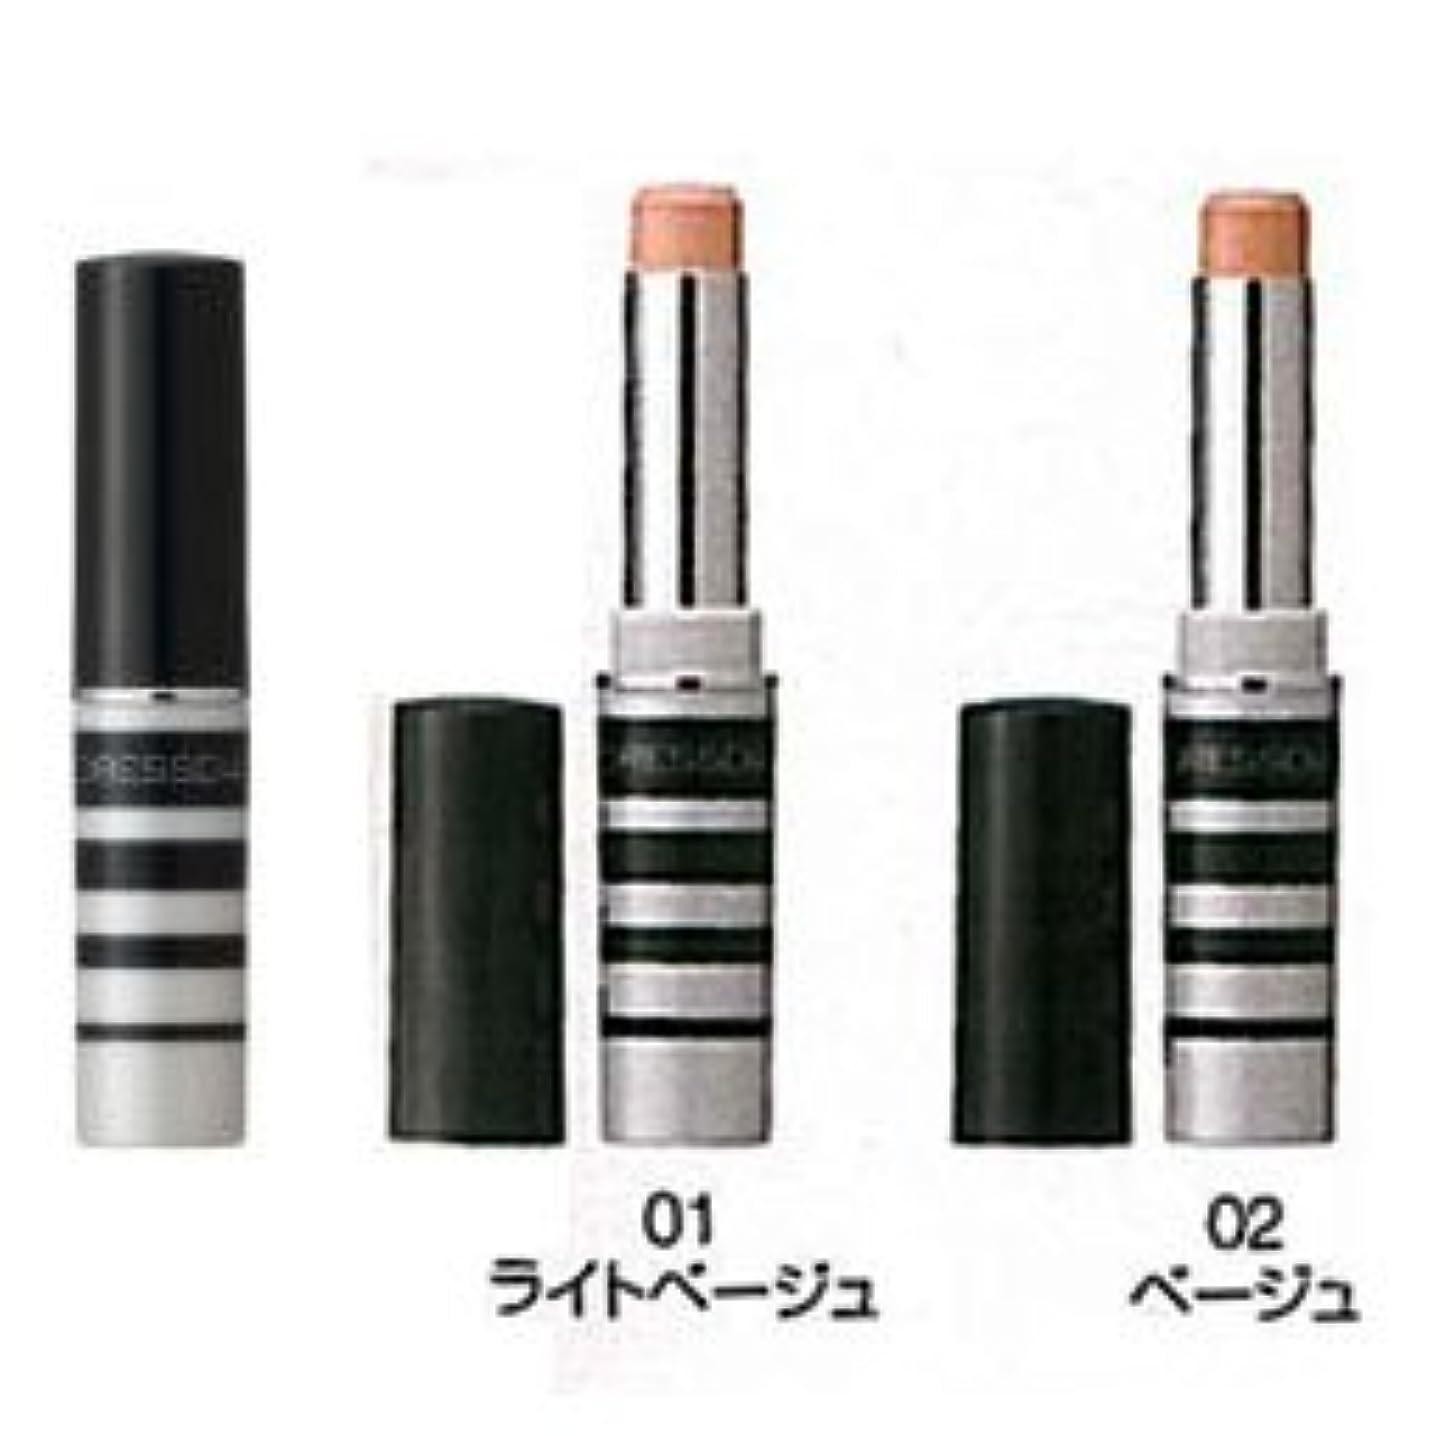 食用キウイ慣らすナリス化粧品 ドレスディア パーフェクトカバーコンシーラー 01 ライトベージュ